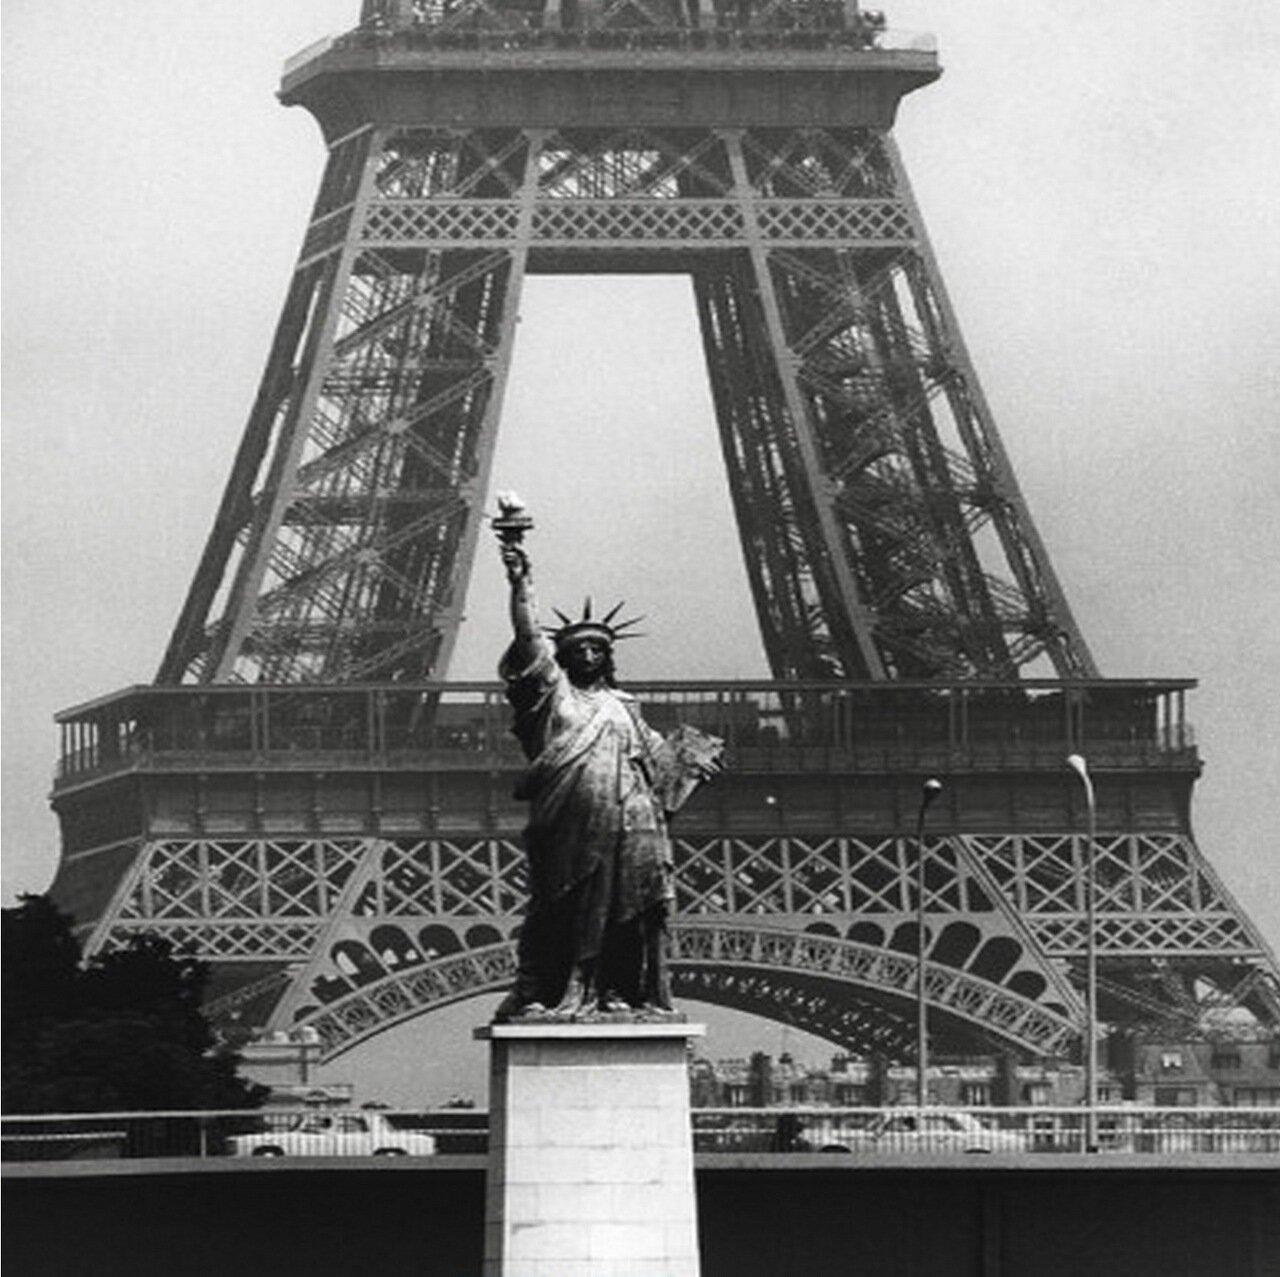 1969. Эйфелева башня и Статуя Свободы